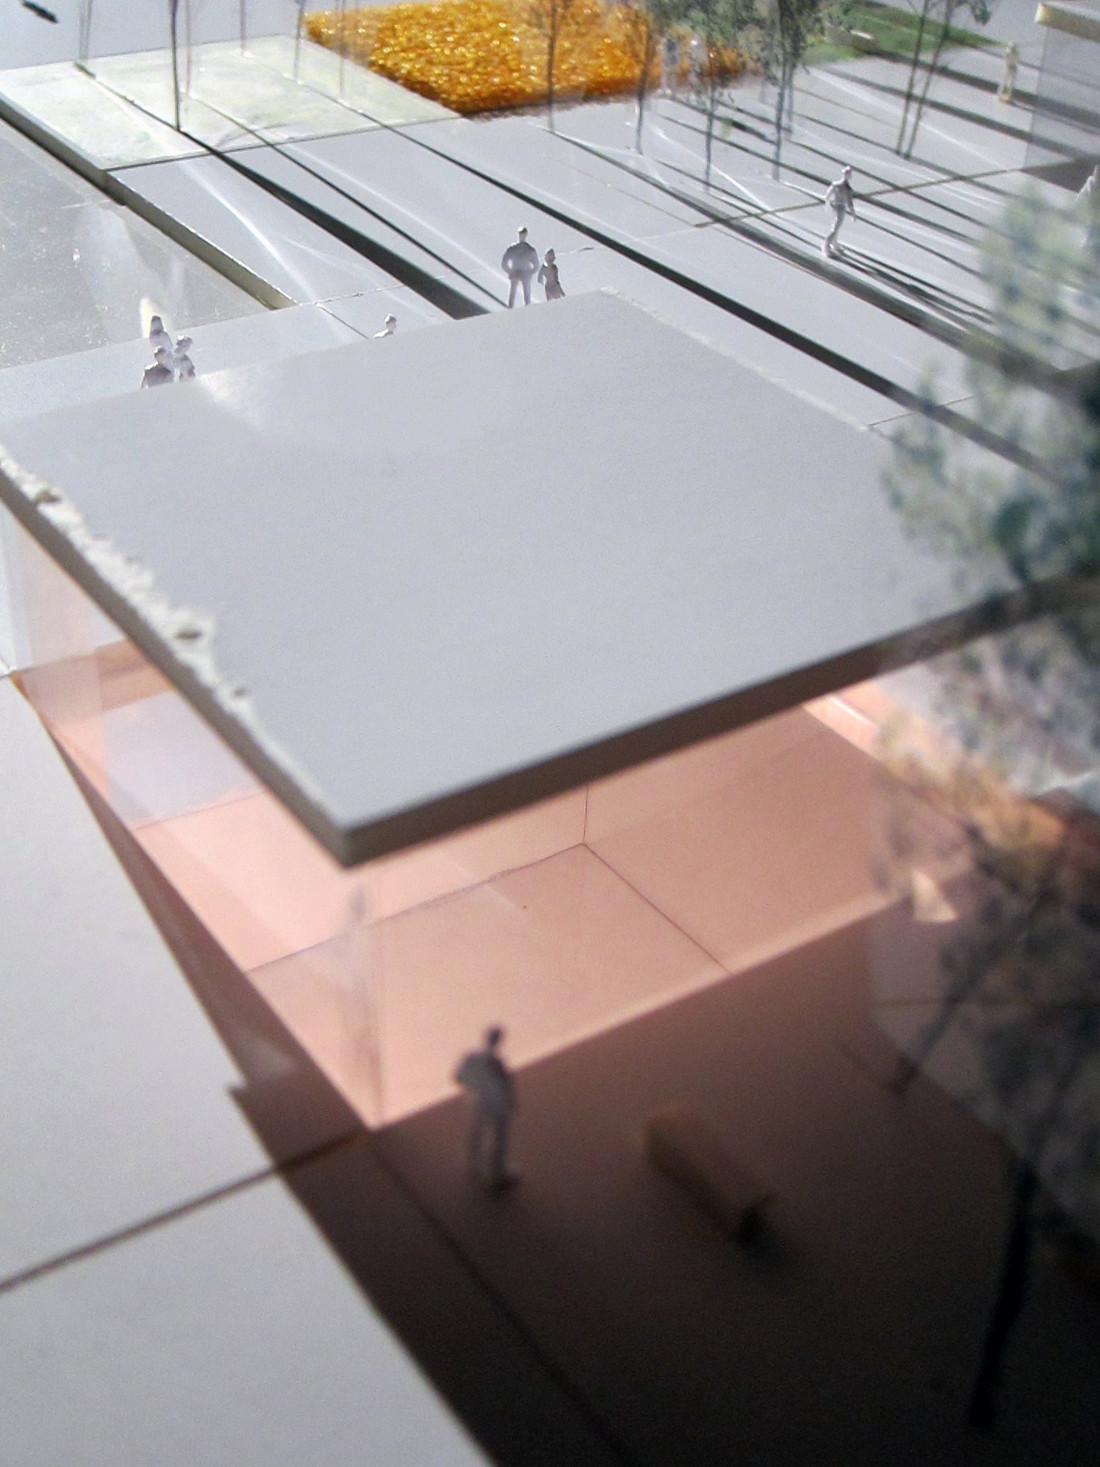 Ernst-reuter-platz-berlin-modell-05